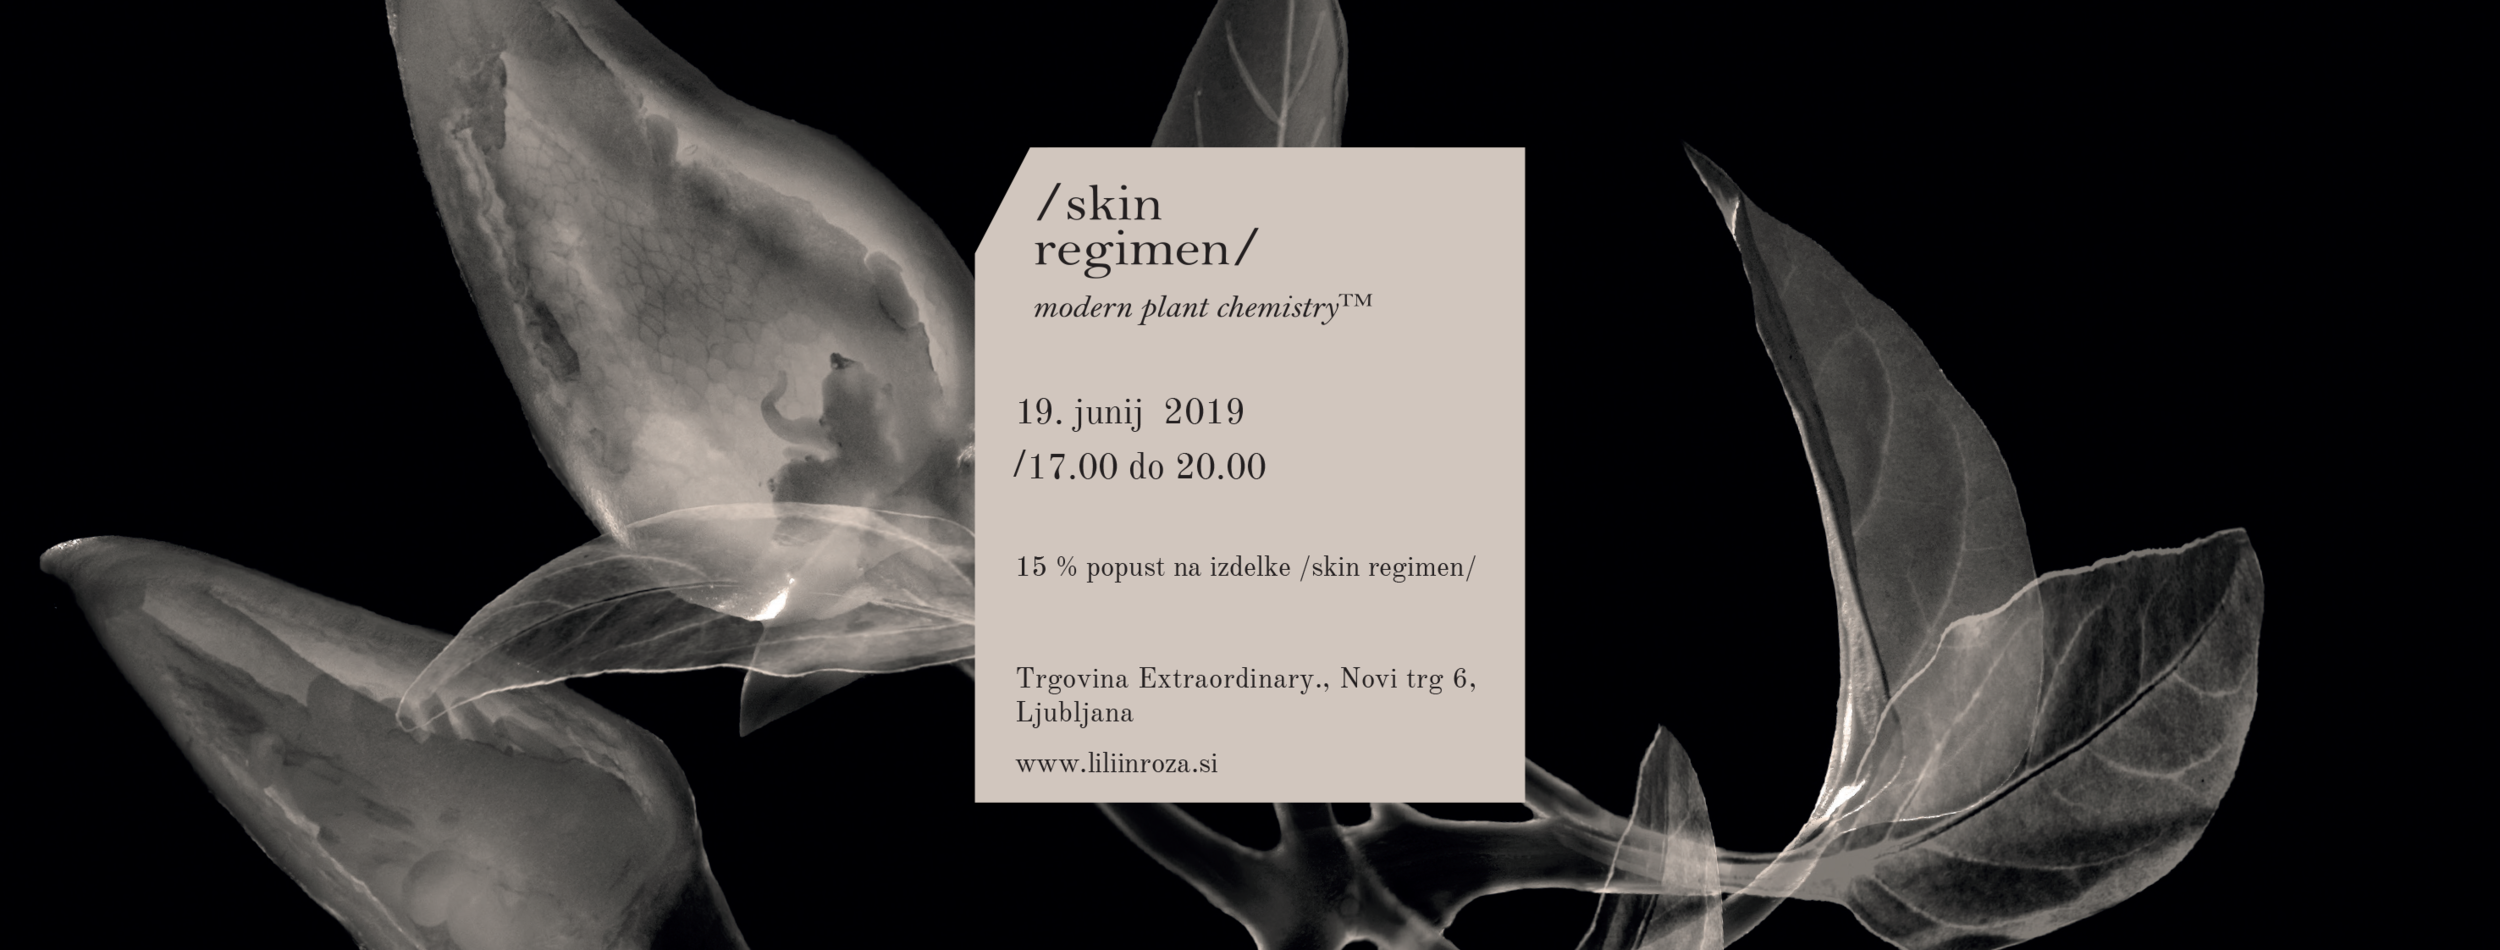 Skin_Regimen_Vabilo_19062019_17do20h_stranke.png